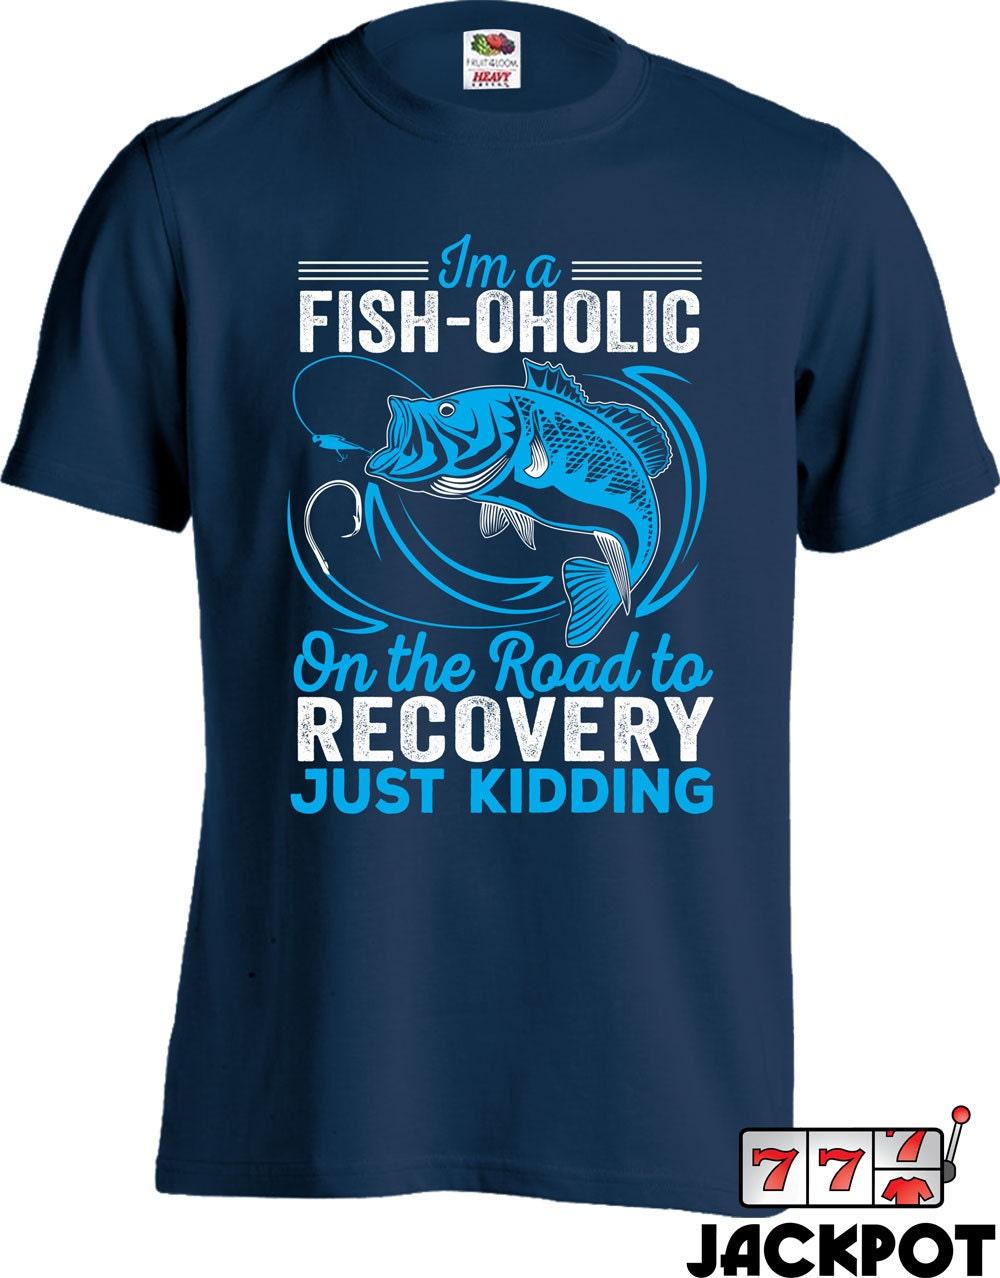 Fishing shirts for men fisherman t shirt fishing gifts for him for Fishing shirts for men